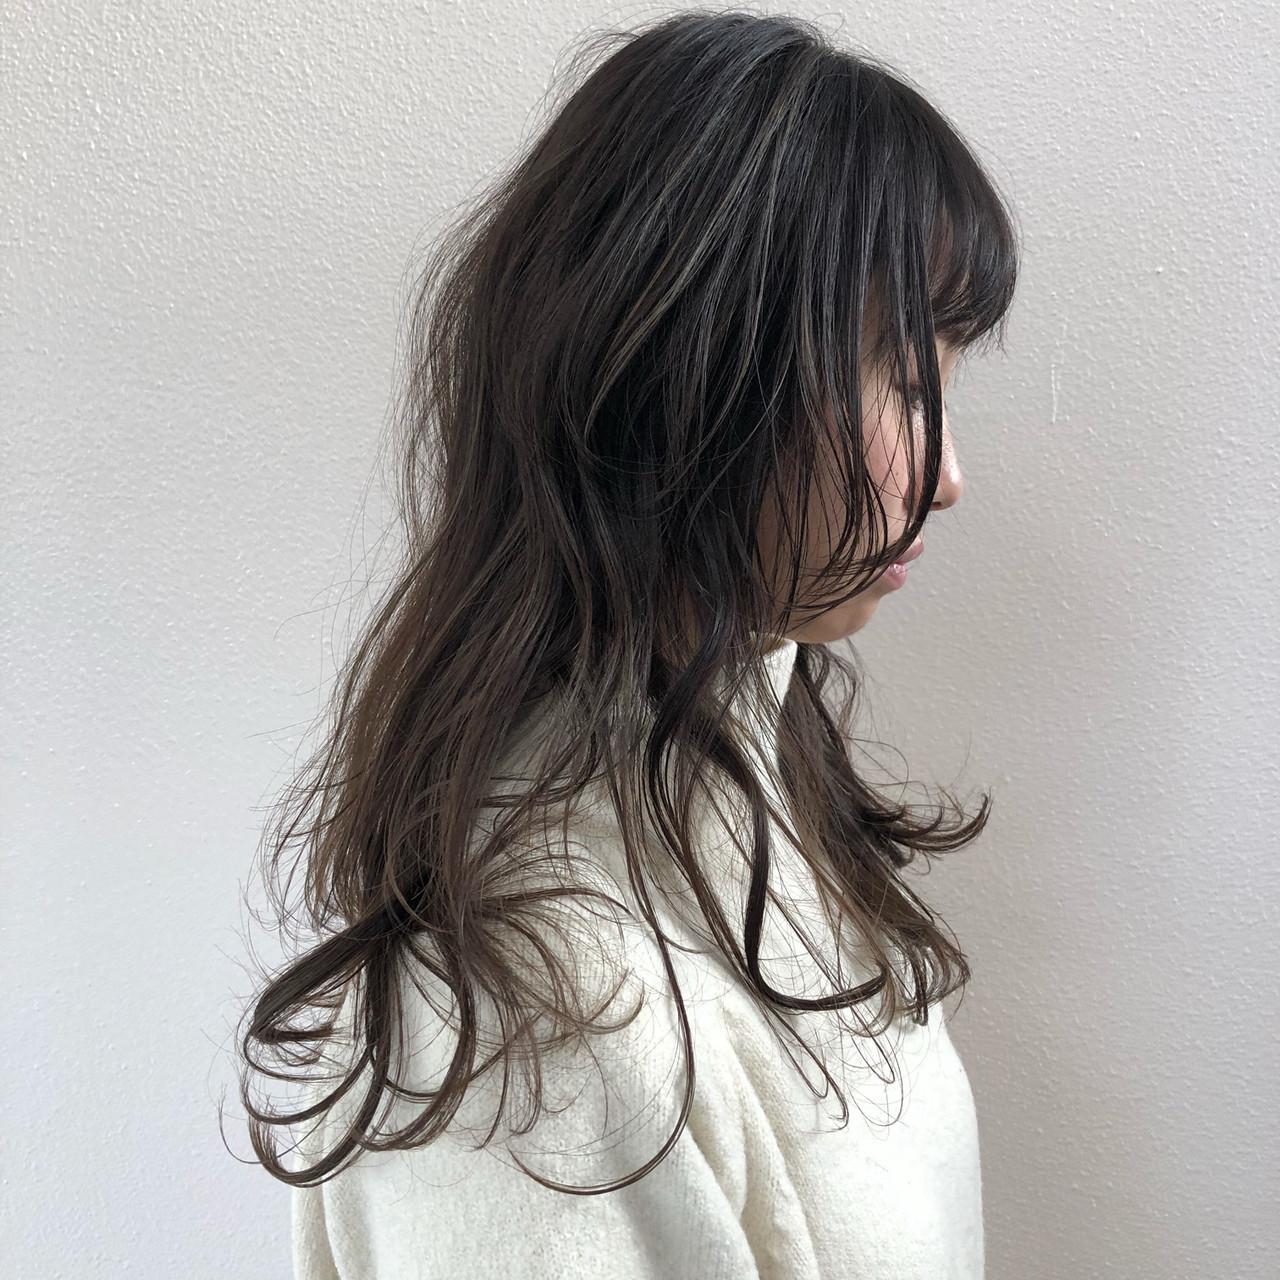 ウルフカット グラデーションカラー ロング マッシュ ヘアスタイルや髪型の写真・画像